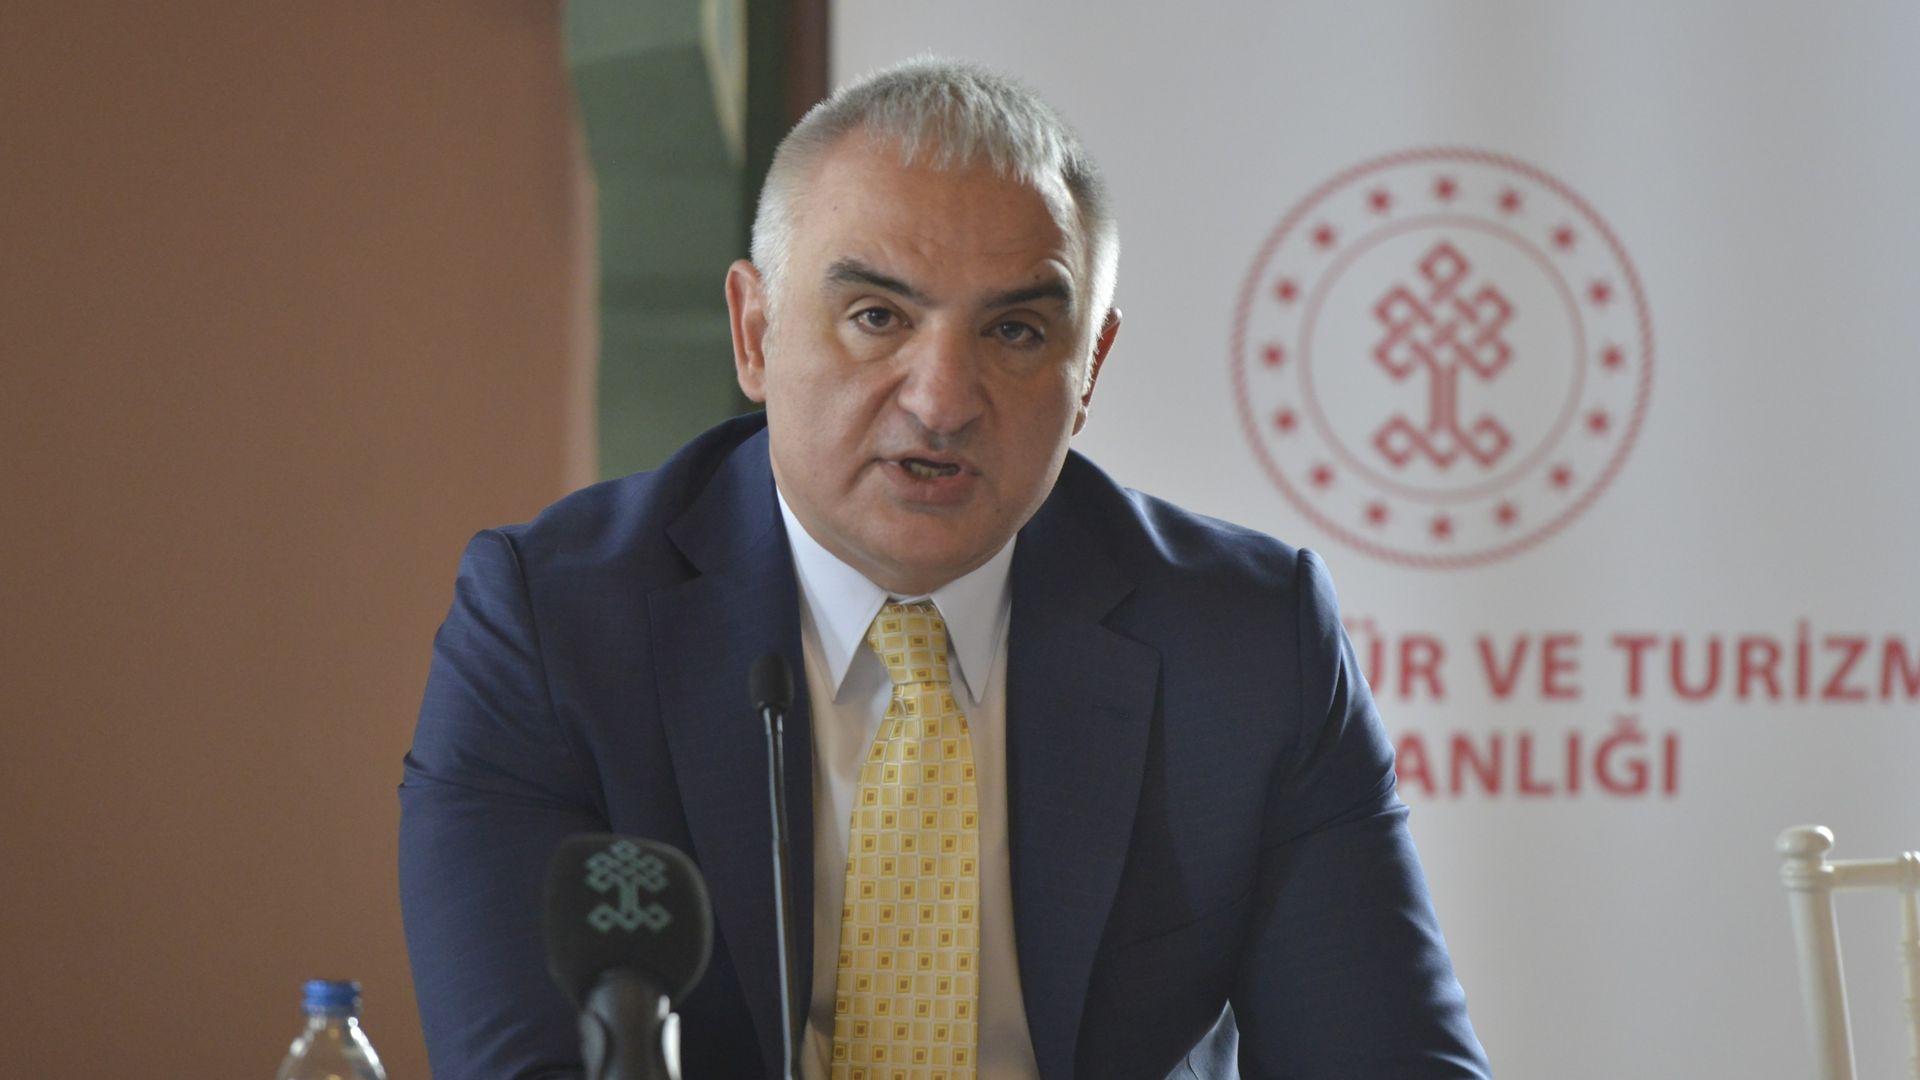 Kültür ve Turizm Bakanı Mehmet Nuri Ersoy: Yenilerine hazır olalım